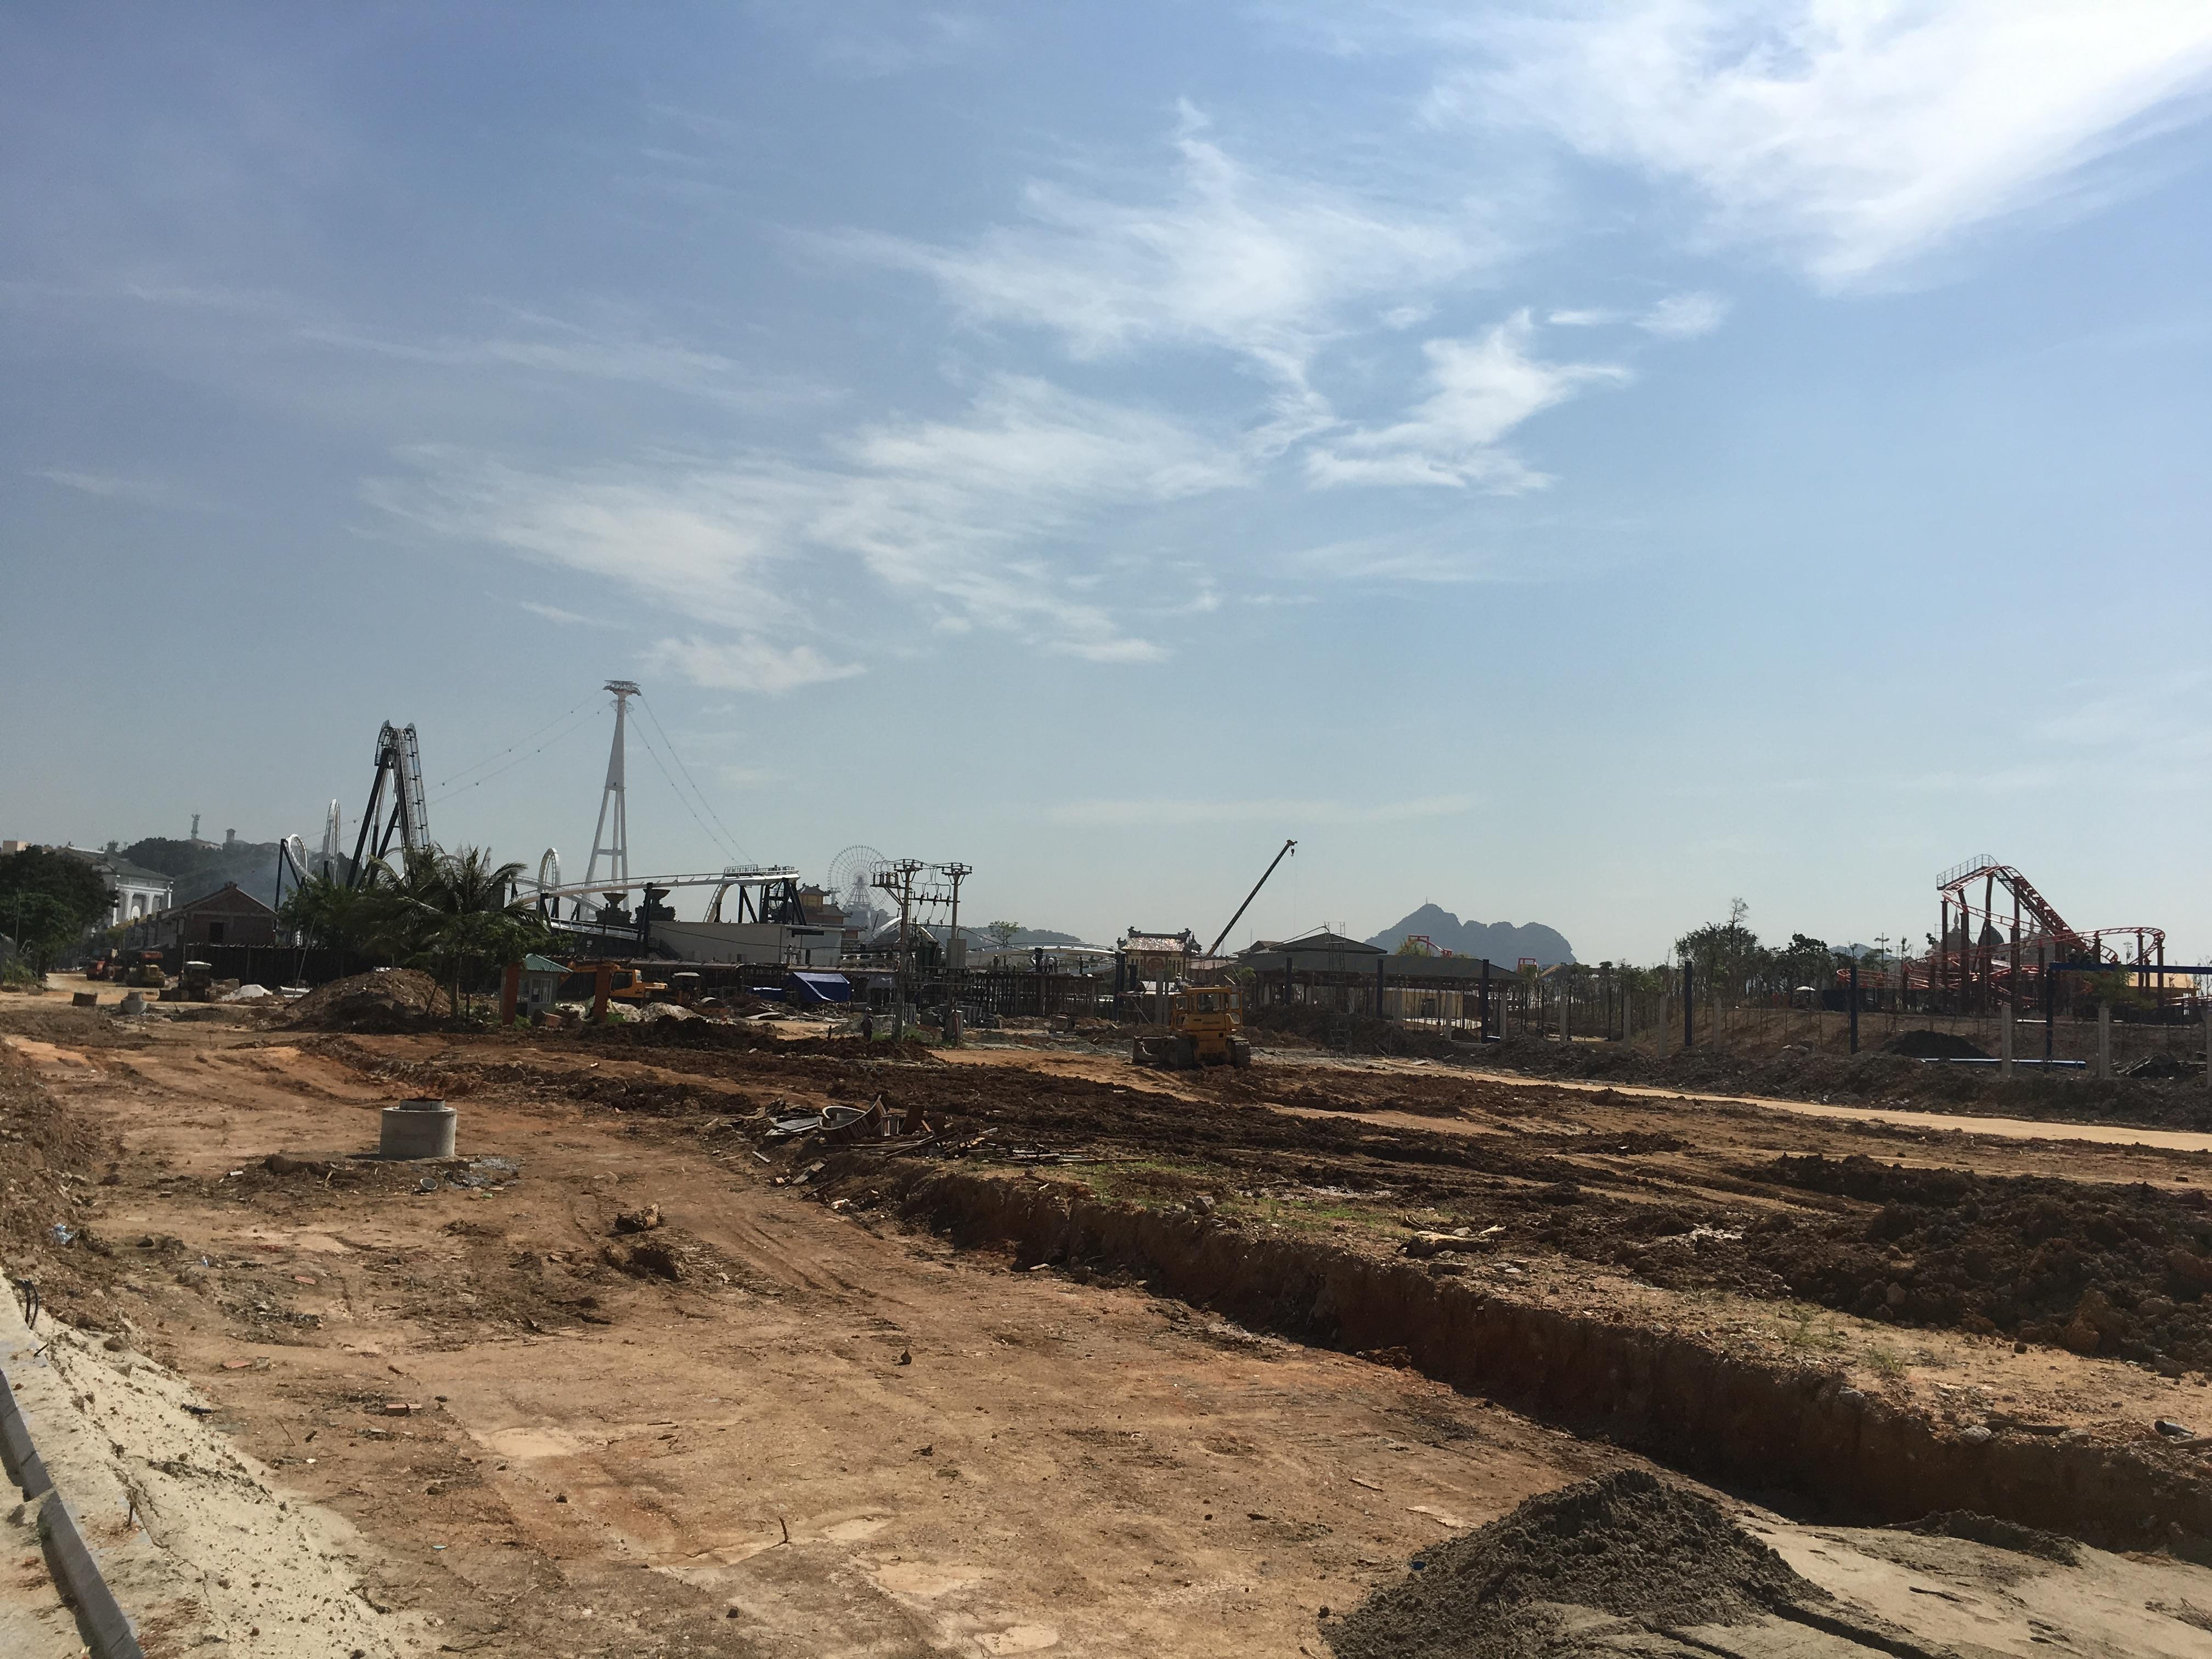 Công trường giai đoạn 2 khu du lịch giải trí Hạ Long Park đang rầm rộ triển khai.